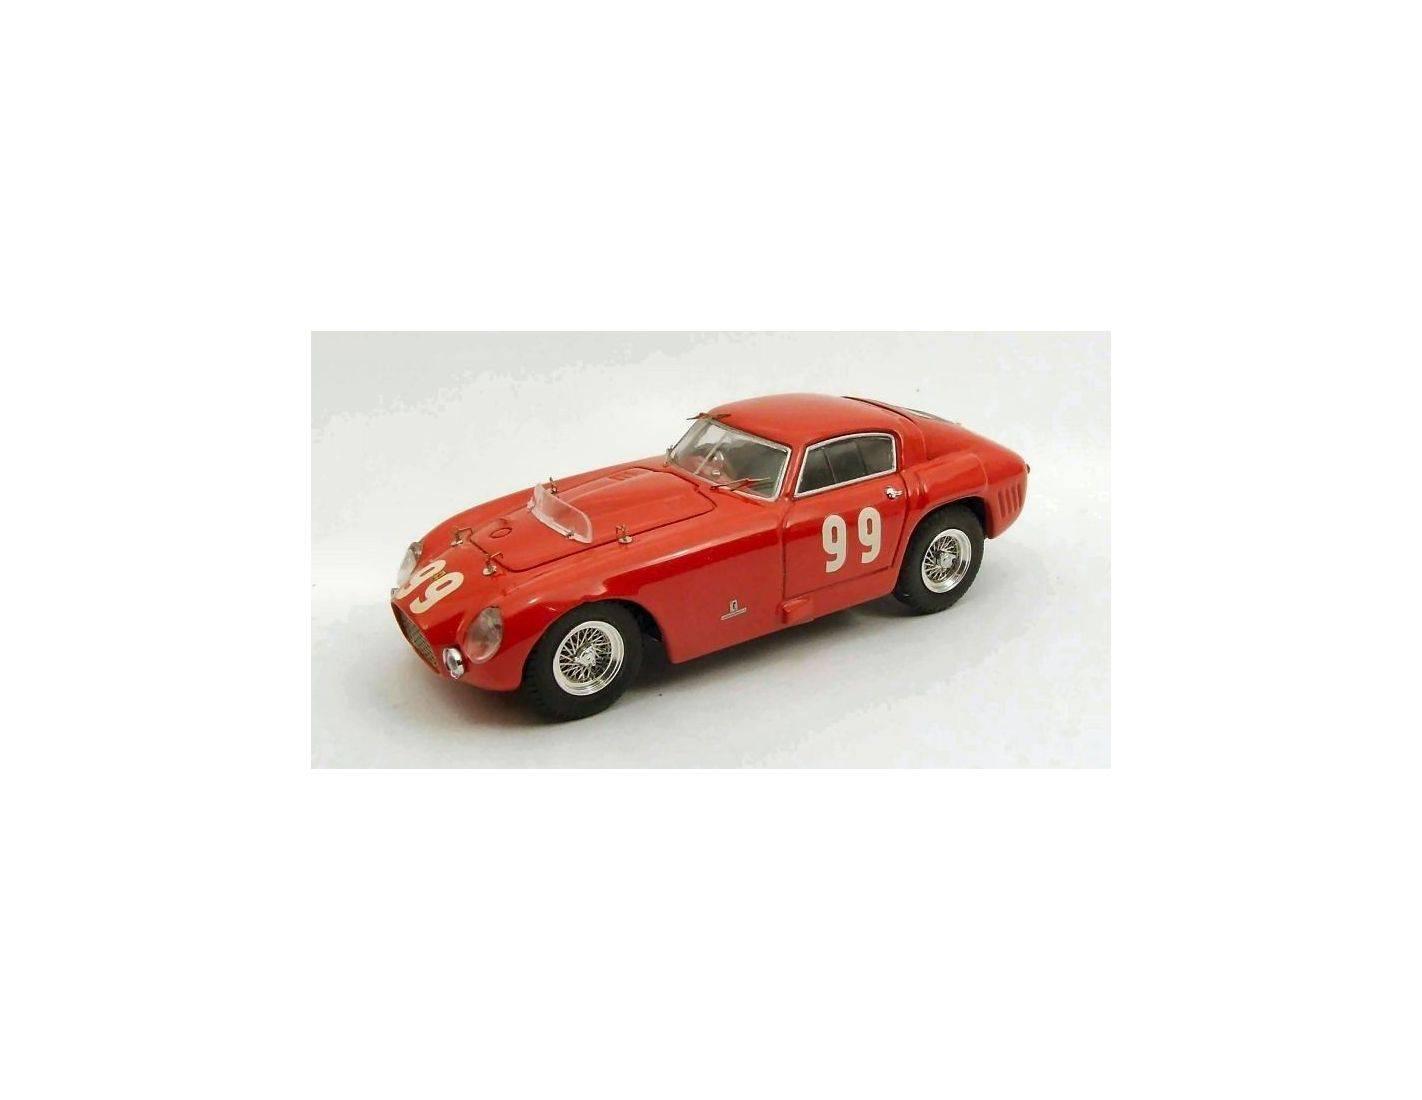 Art Model AM0241 FERRARI 375 MM N.99 WINNER CIRCUITO SENIGALLIA 1953 P.MARZOTTO 1:43 Modellino